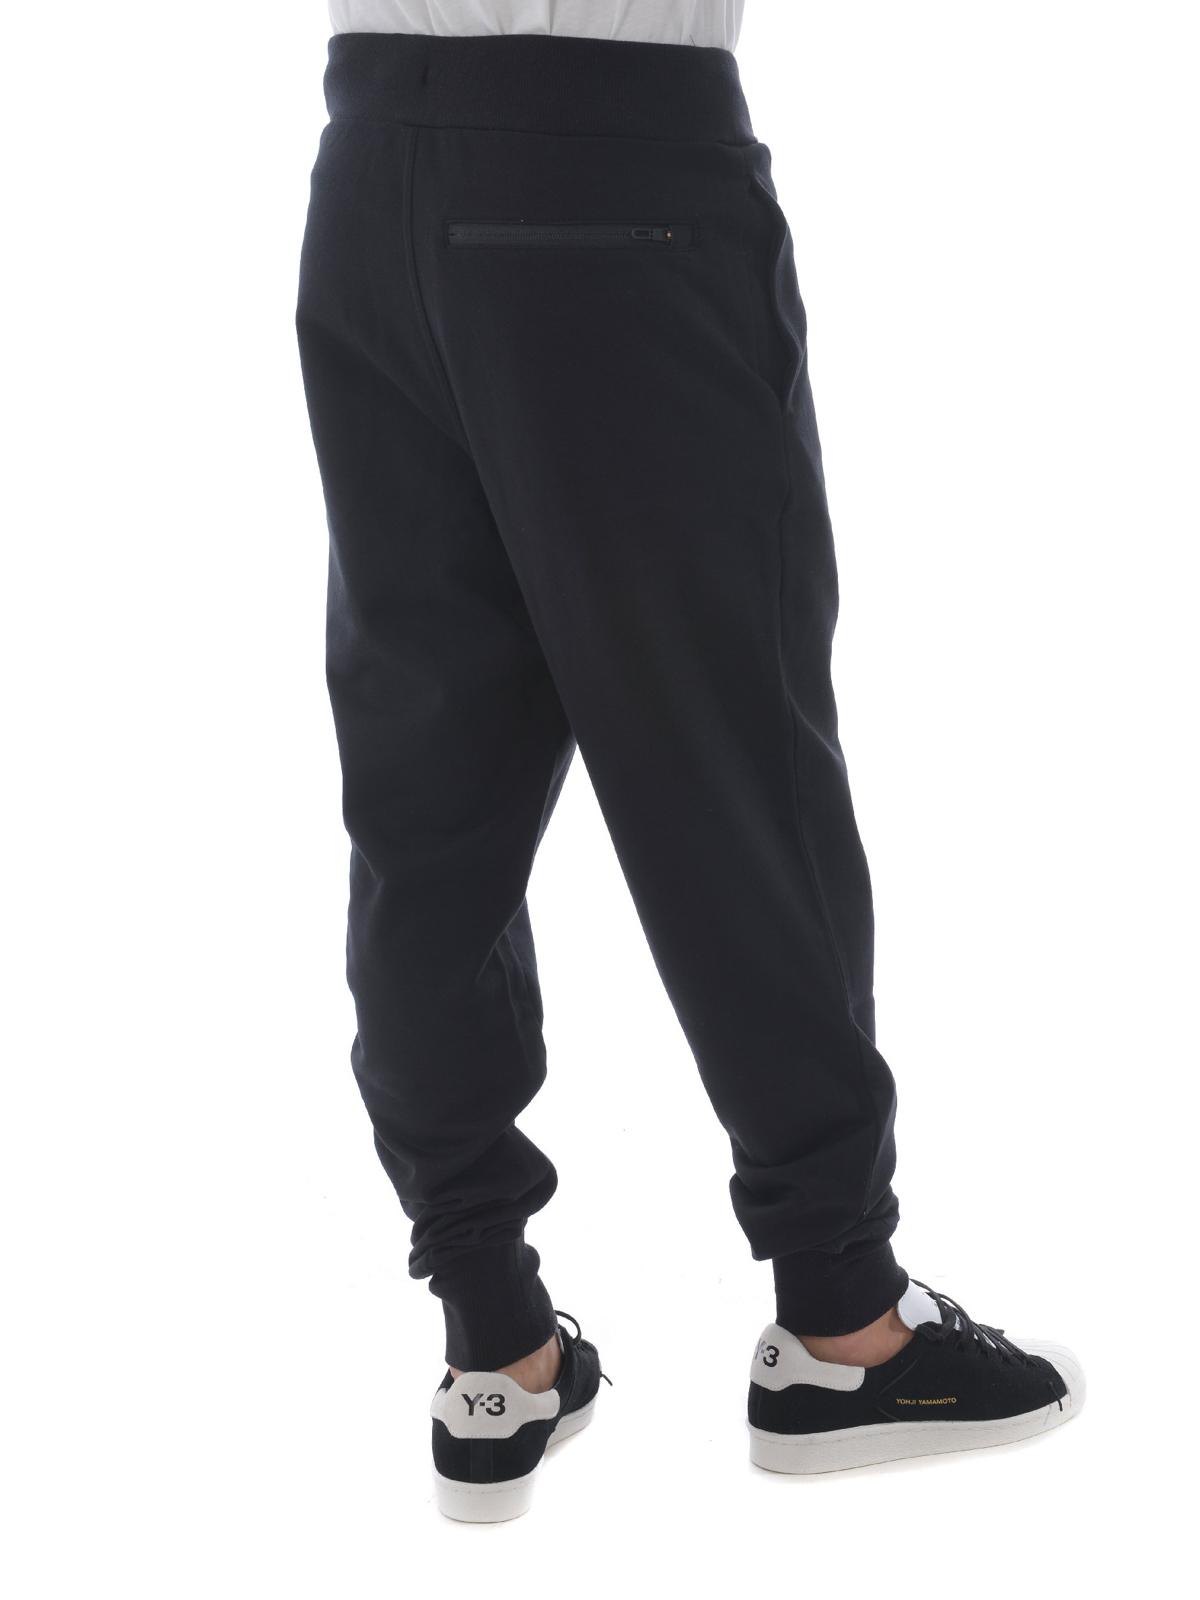 Y 3 CLASSIC TRACK PANT  Pantaloni Felpa     Adidas Y 3